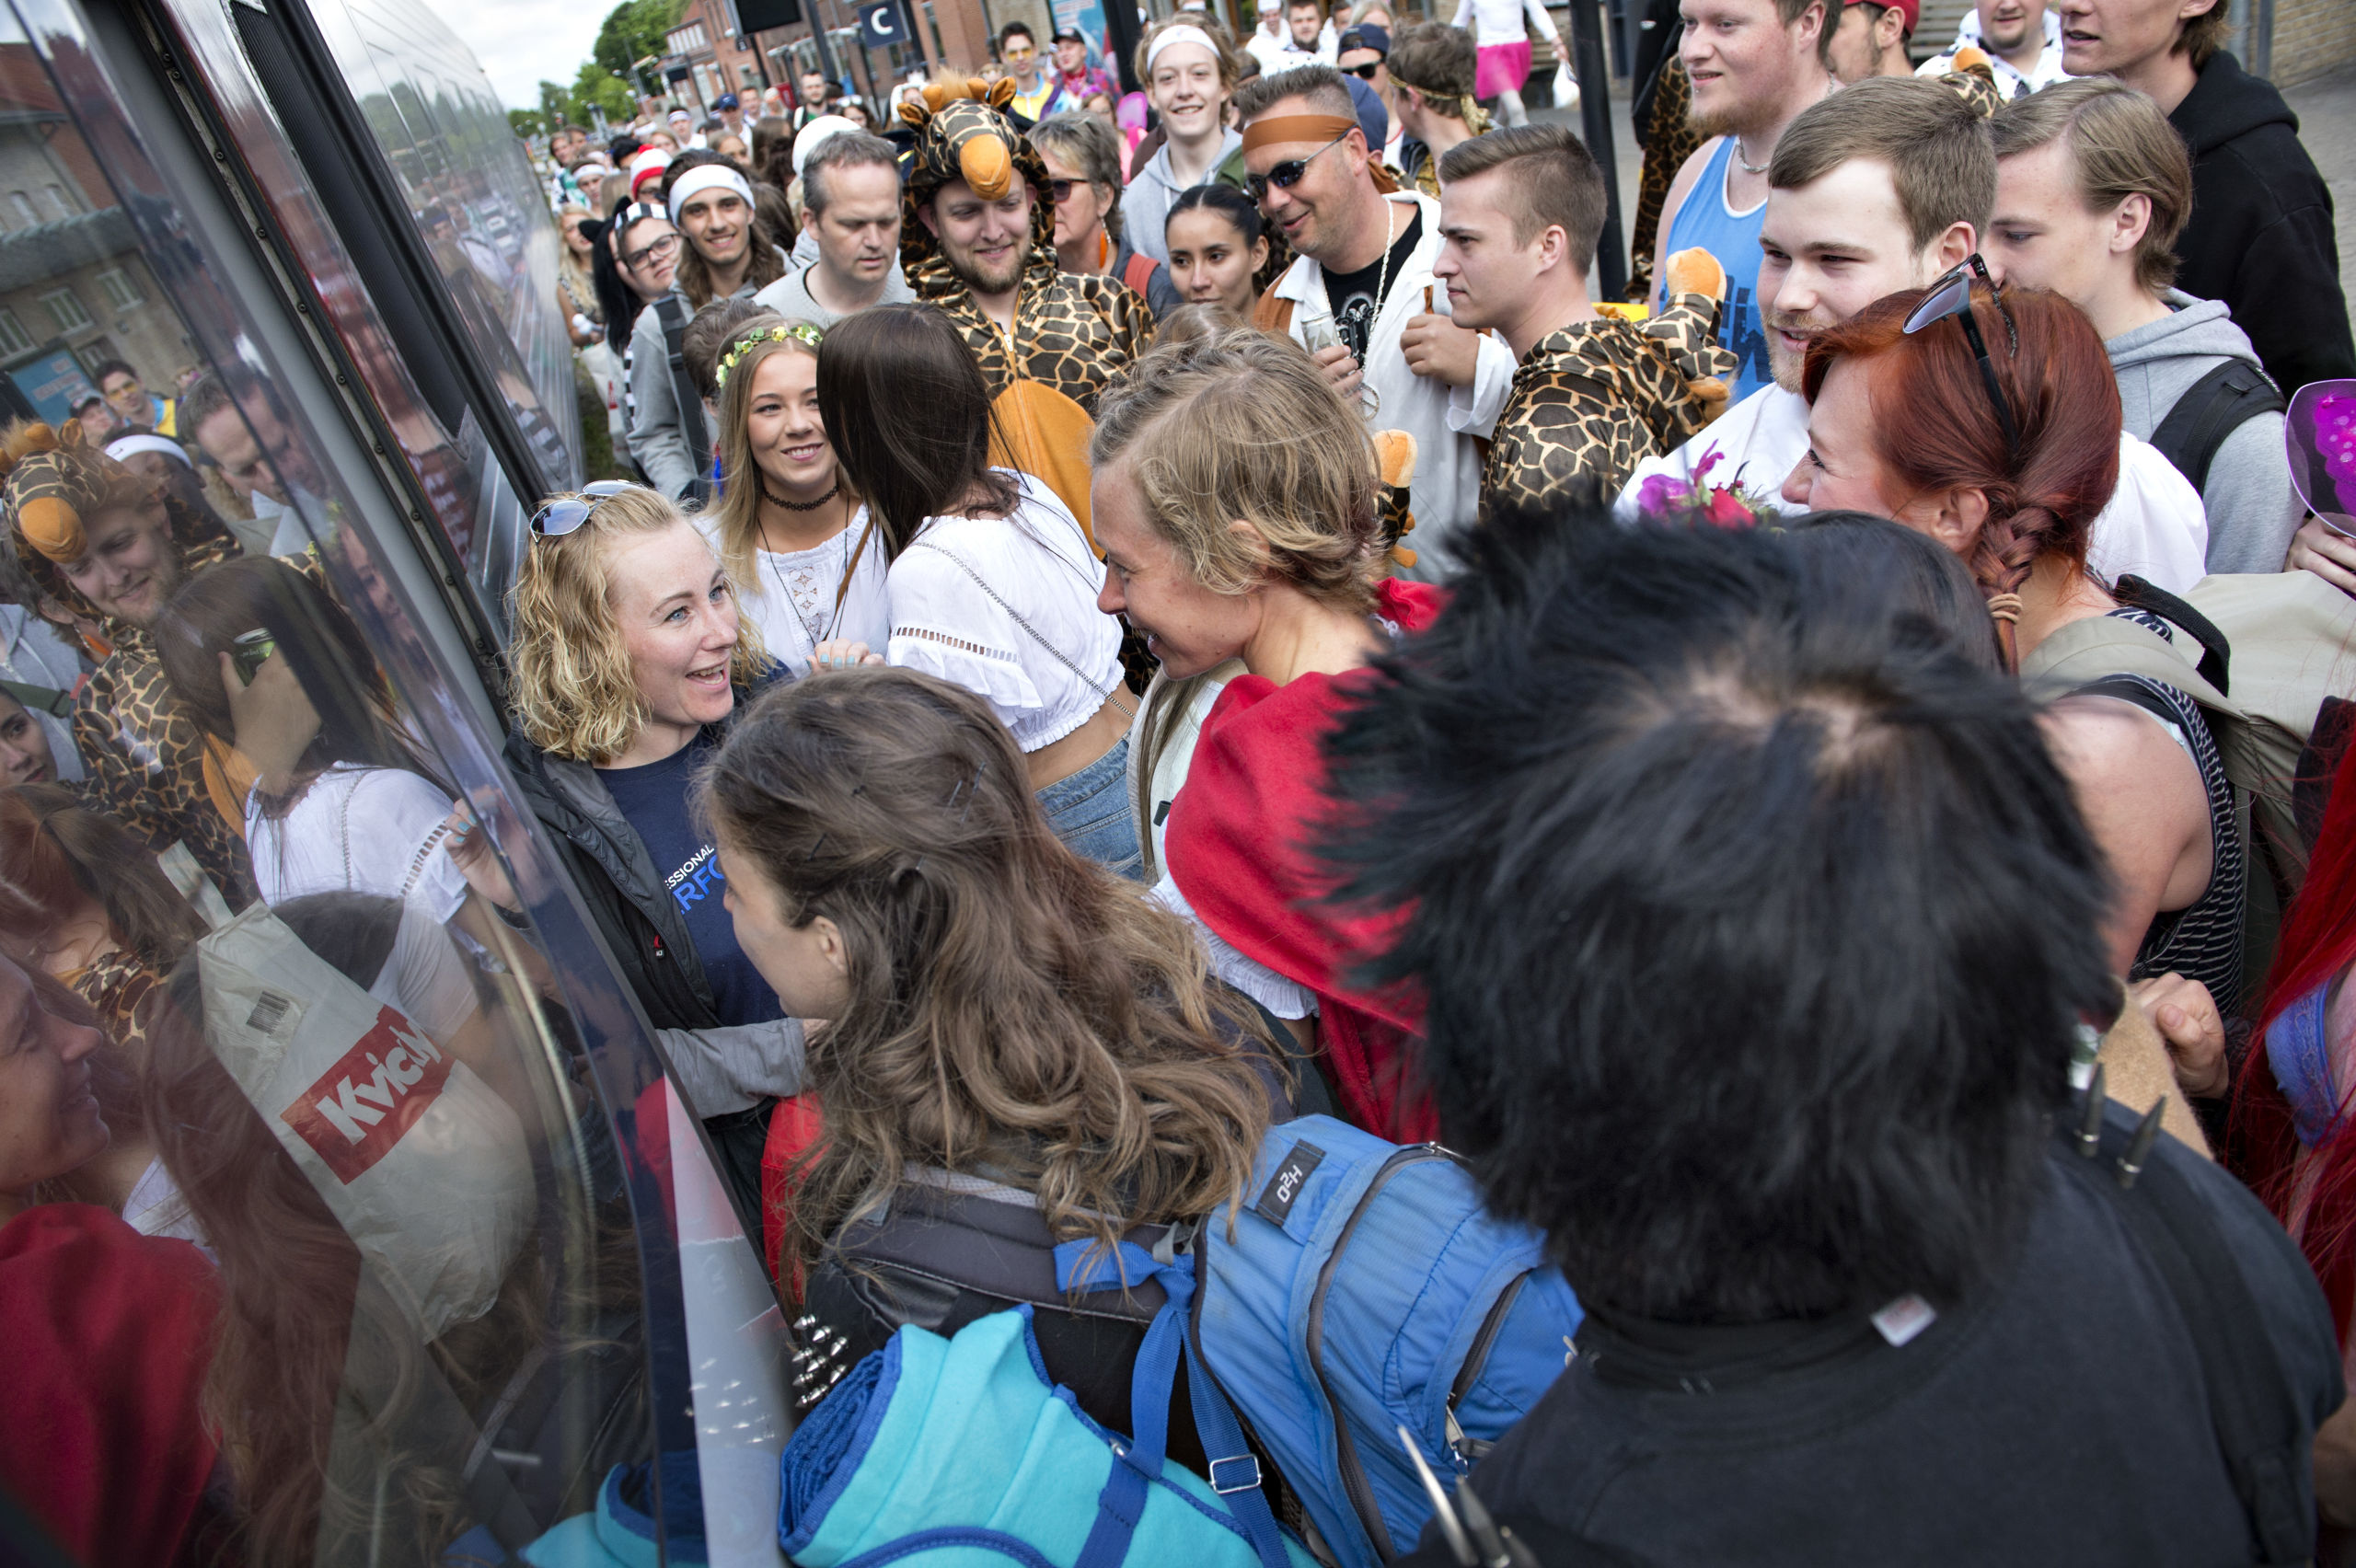 Det er populært at køre med tog i forbindelse med karnevalet - nu har Banedanmark sikret, at der også er forbindelse sydpå om natten efter festen.Arkivfoto: Henrik Louis